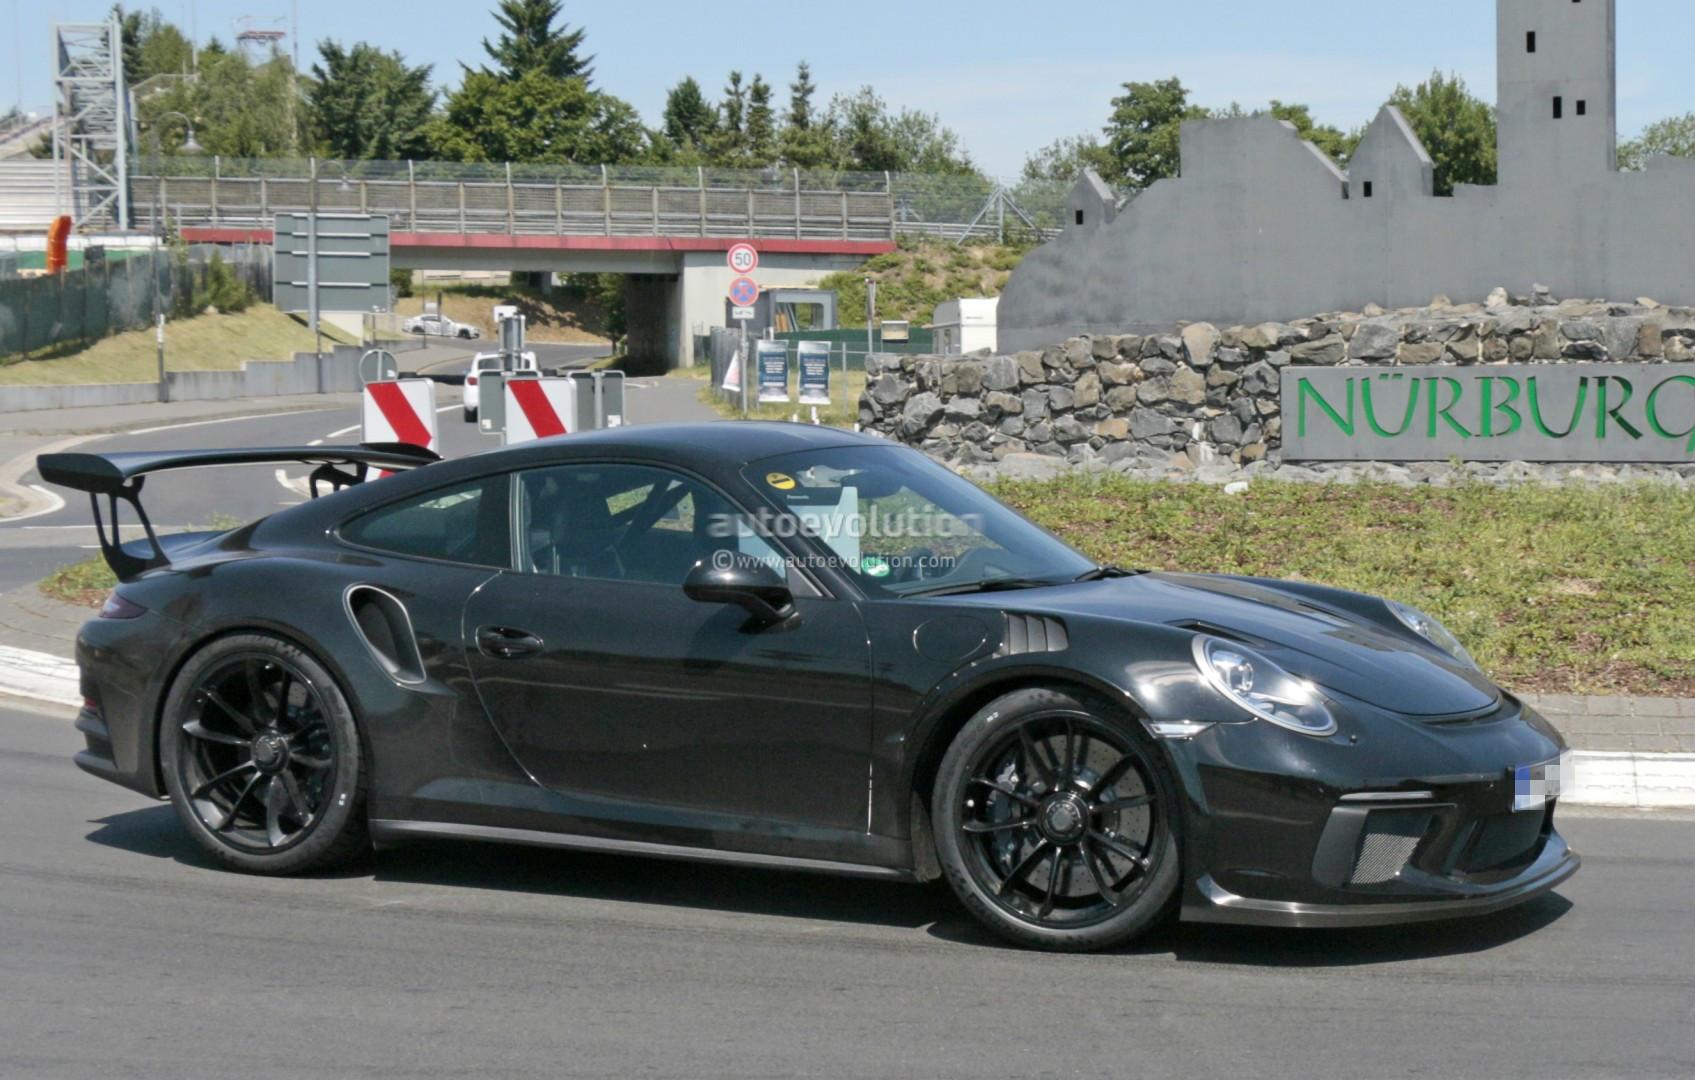 Раритетный спорткар Порше 911 SCполучил нынешние функции